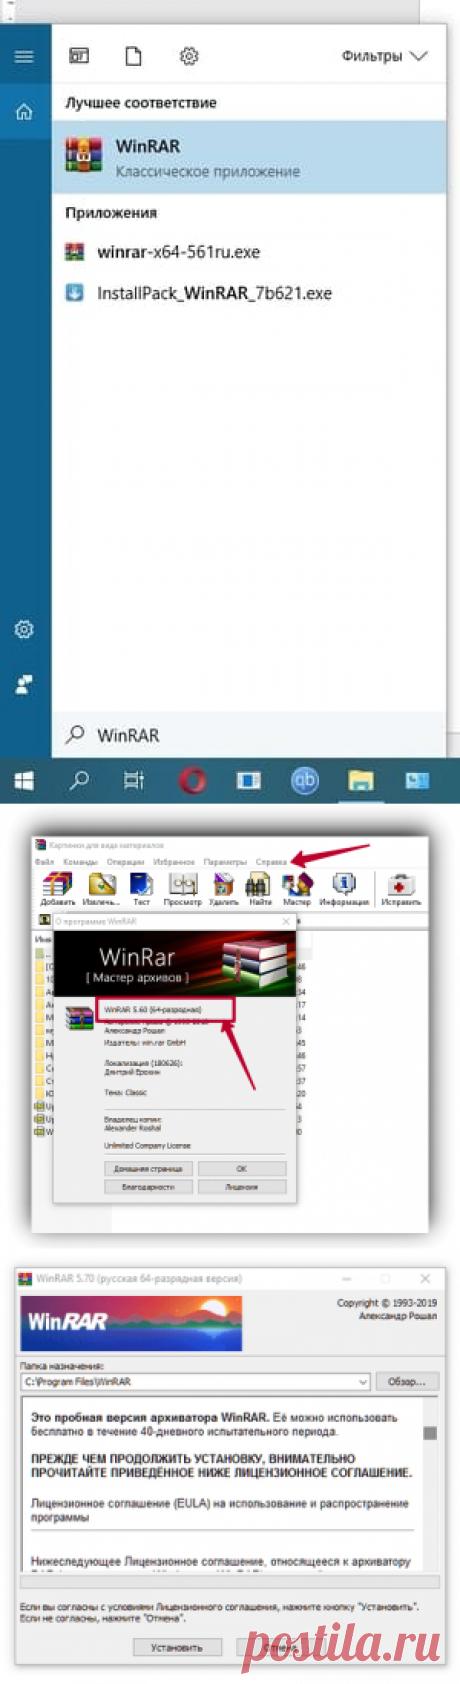 Почему надо срочно обновить WinRAR